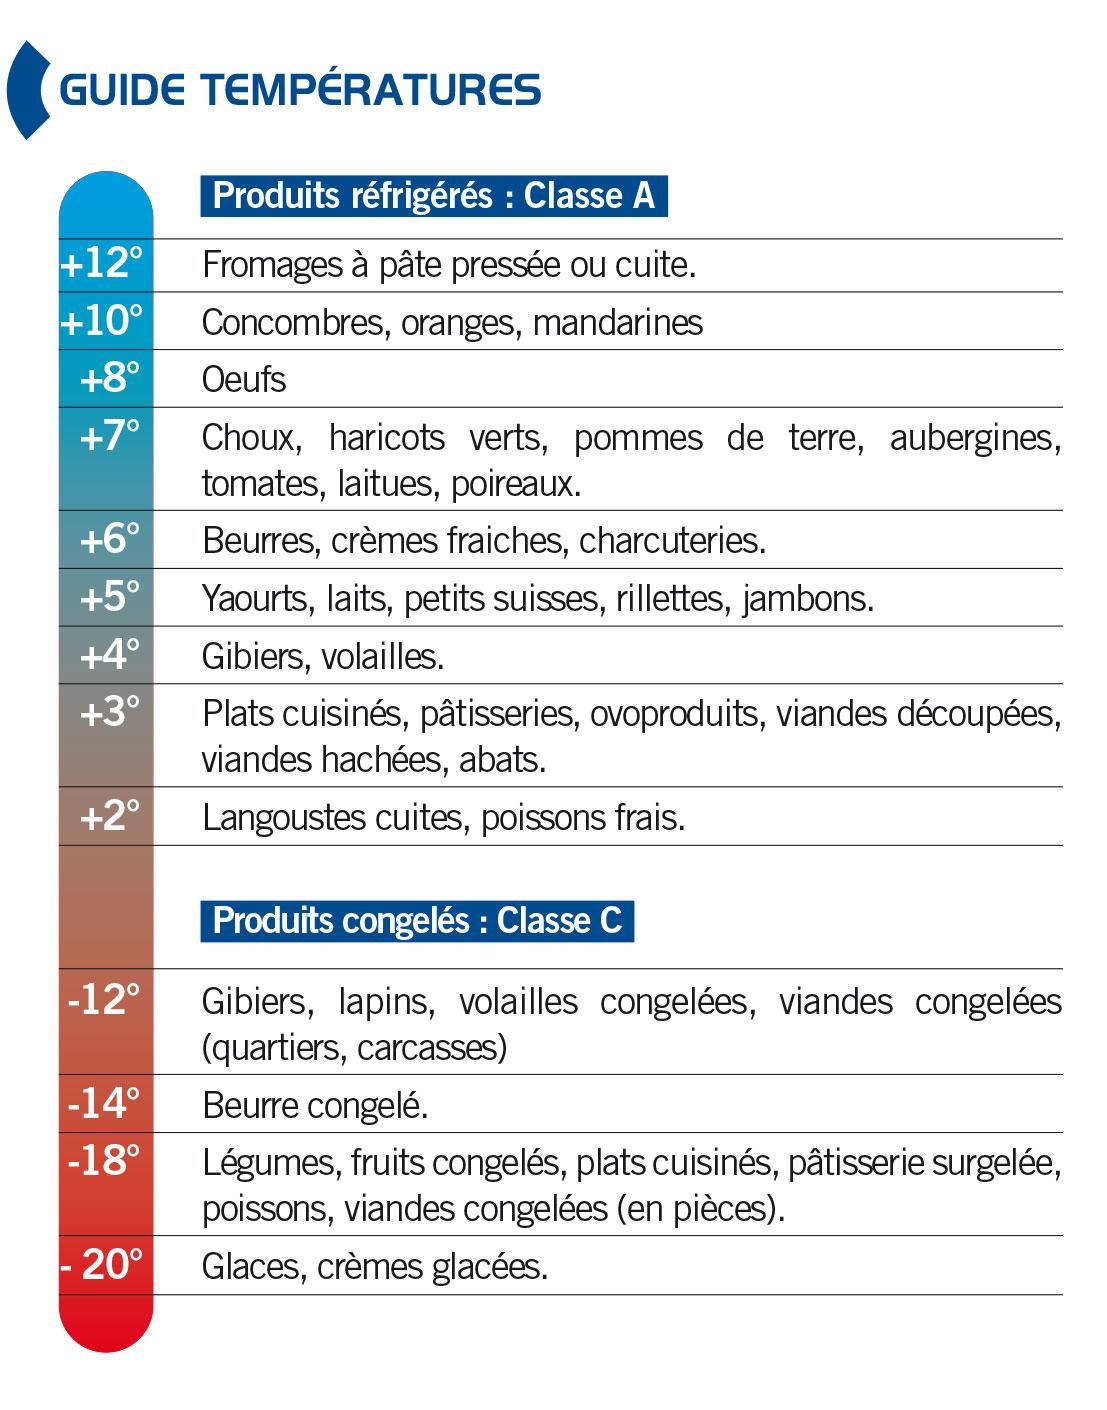 Guide température alimentaire concervation